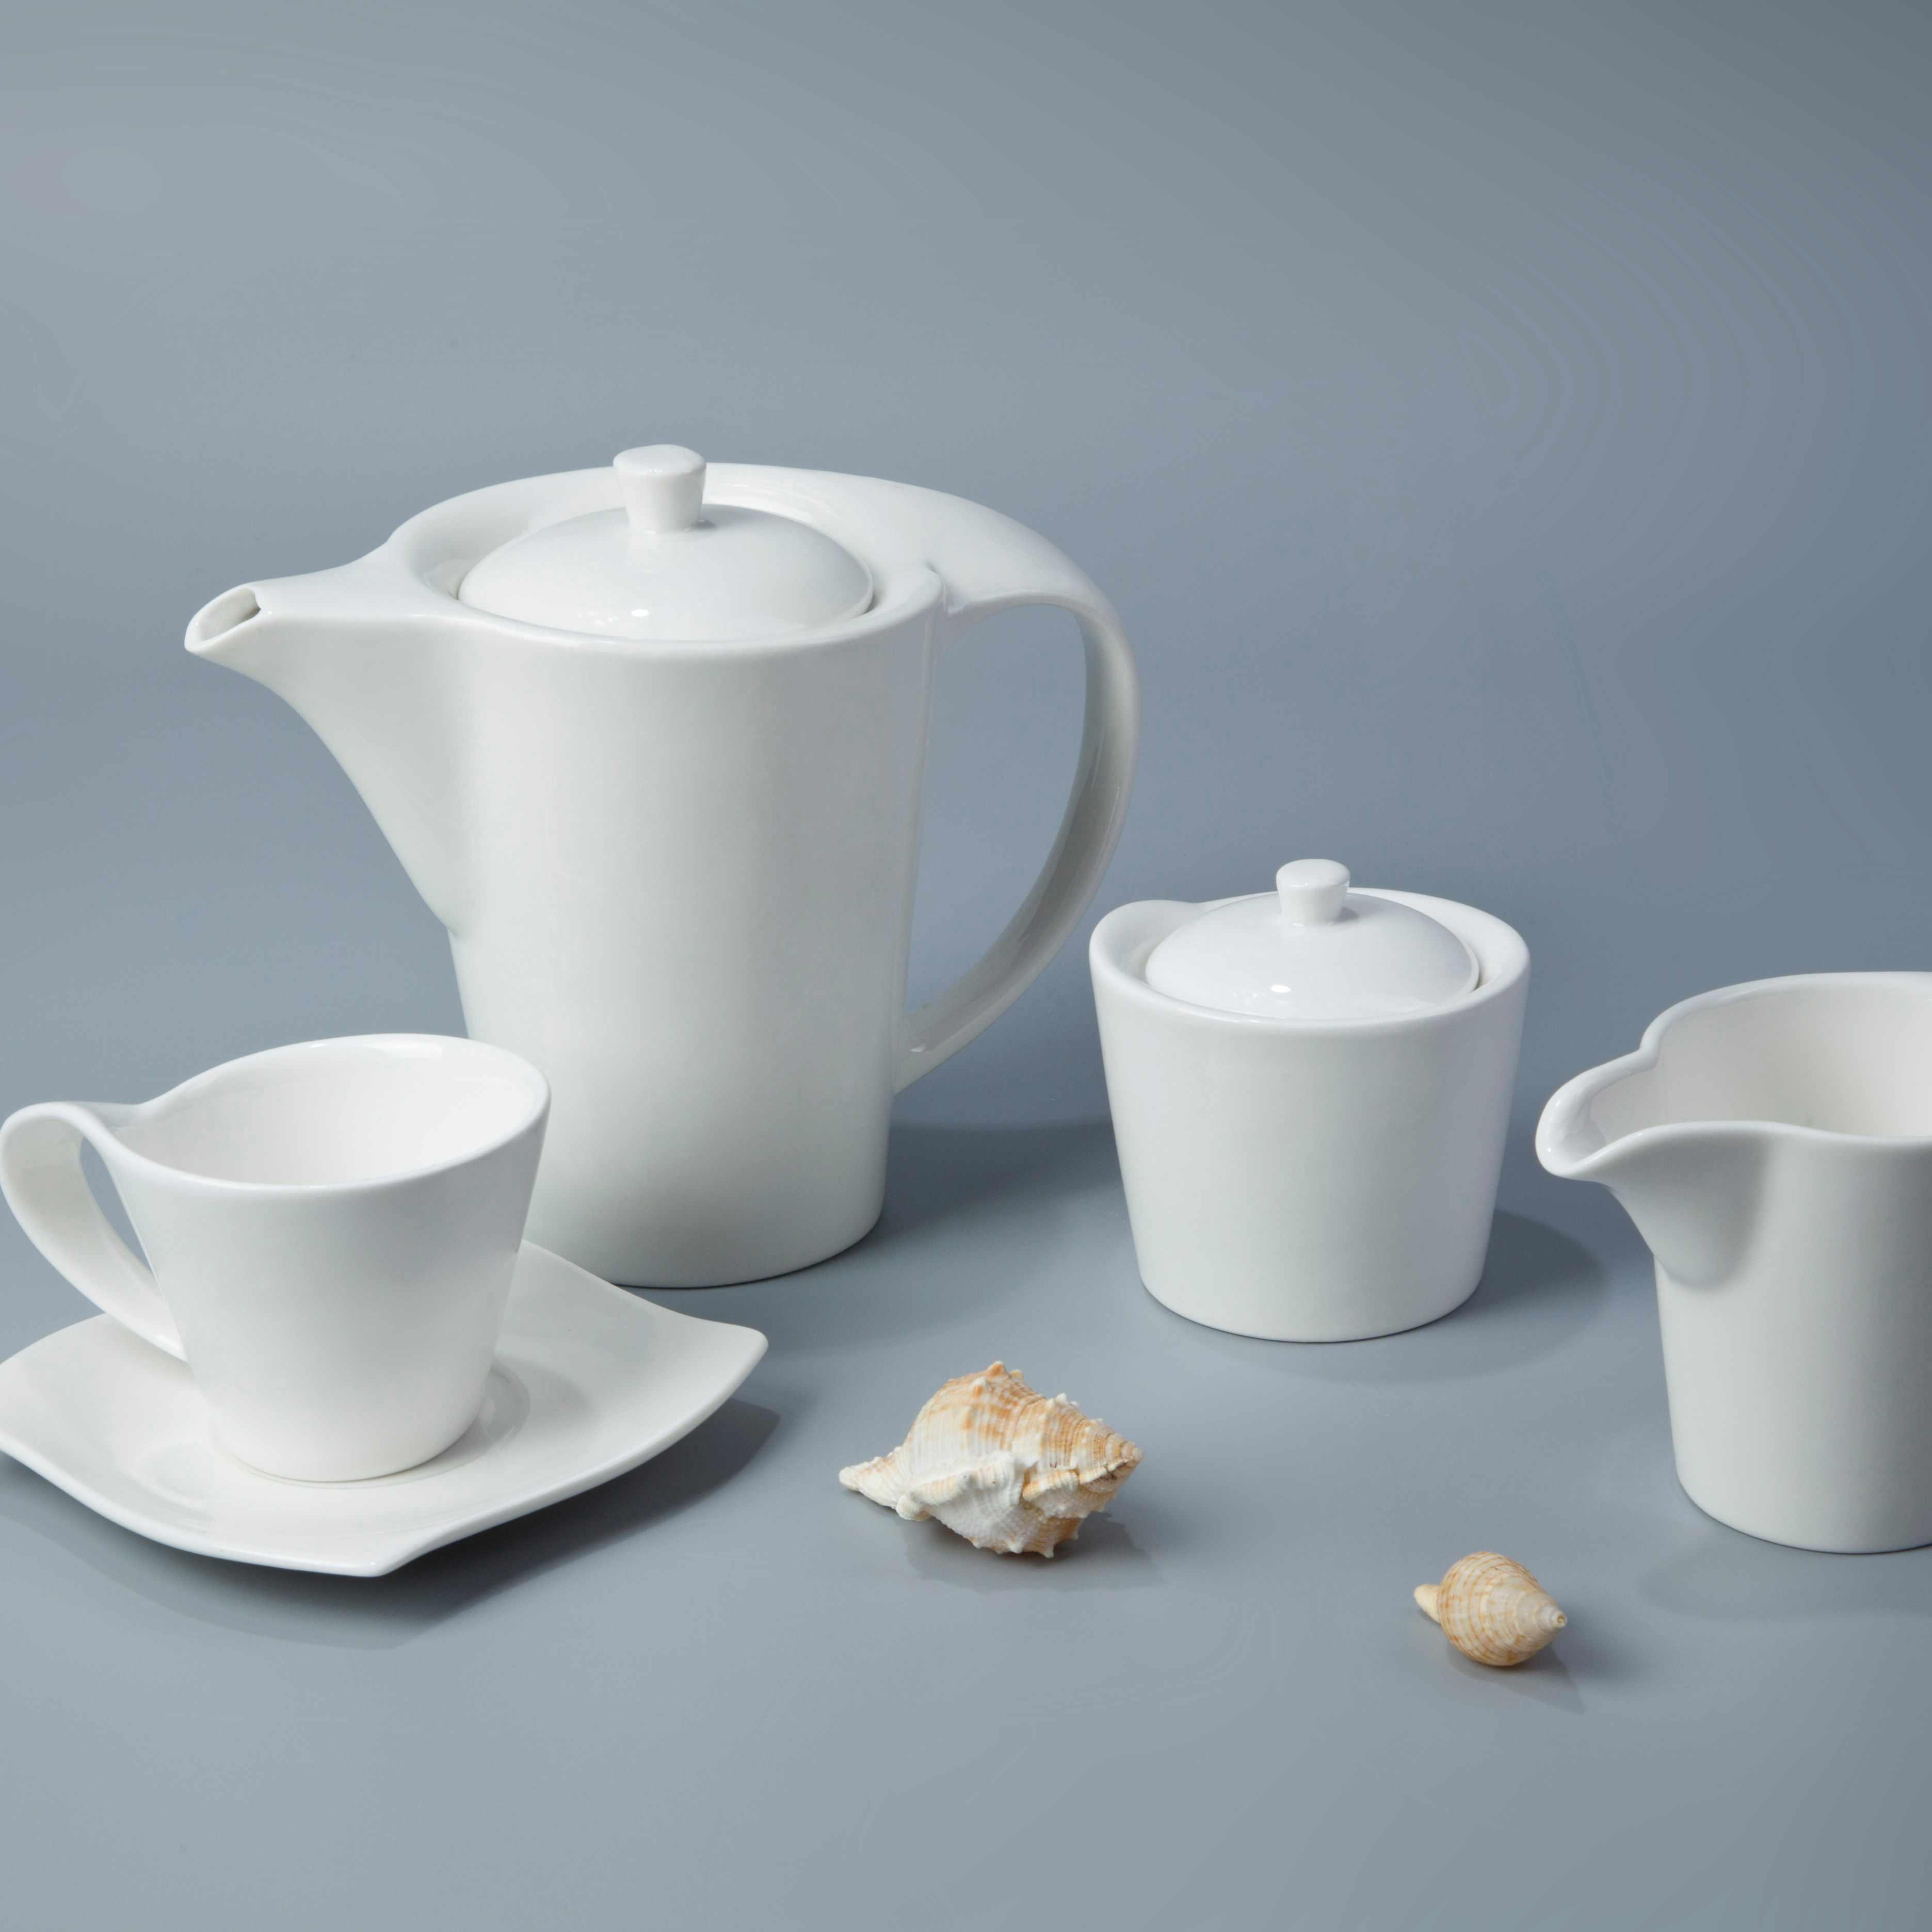 Two Eight White ceramic dinnerware set - FENG CHE SERIES White Porcelain Dinner Set image8